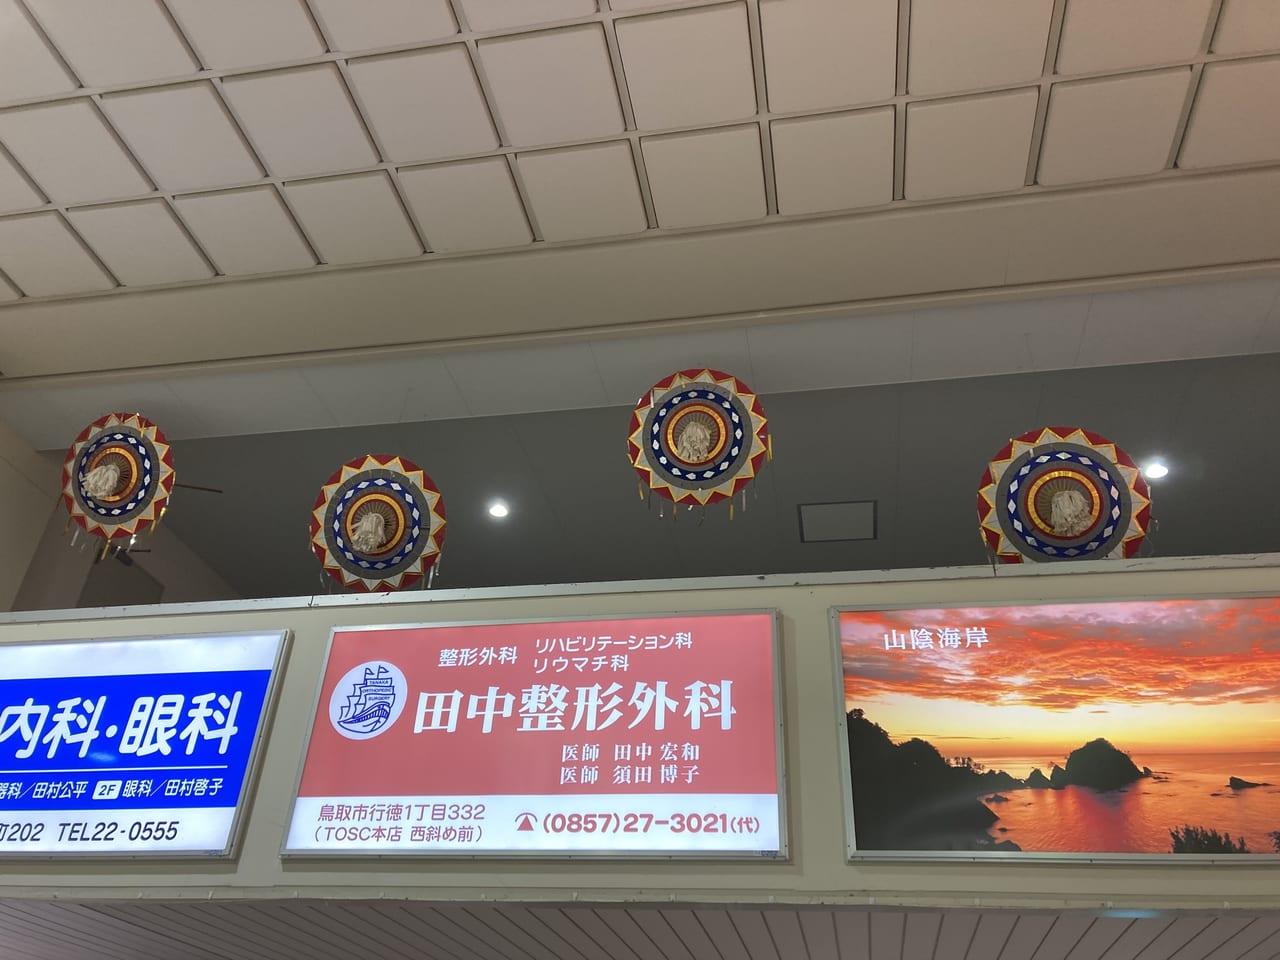 鳥取駅構内に飾られているしゃんしゃん傘